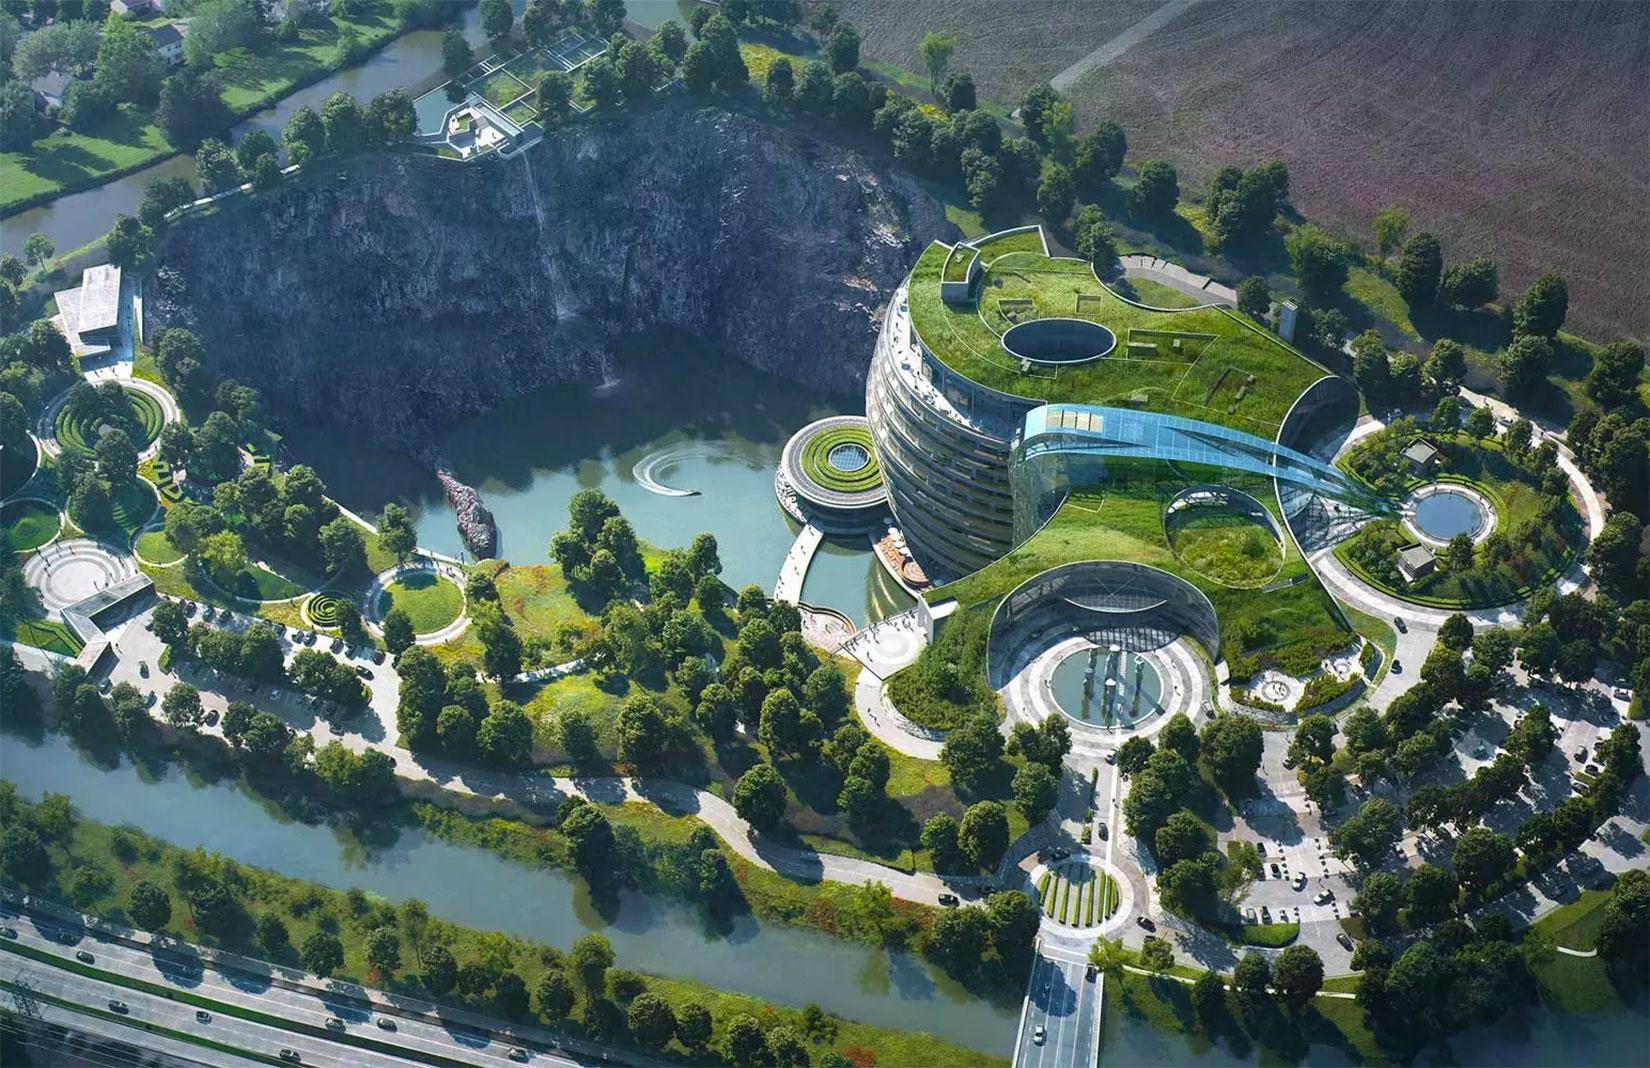 InterContinental Shanghai – khách sạn âm dưới lòng đất lớn nhất thế giới